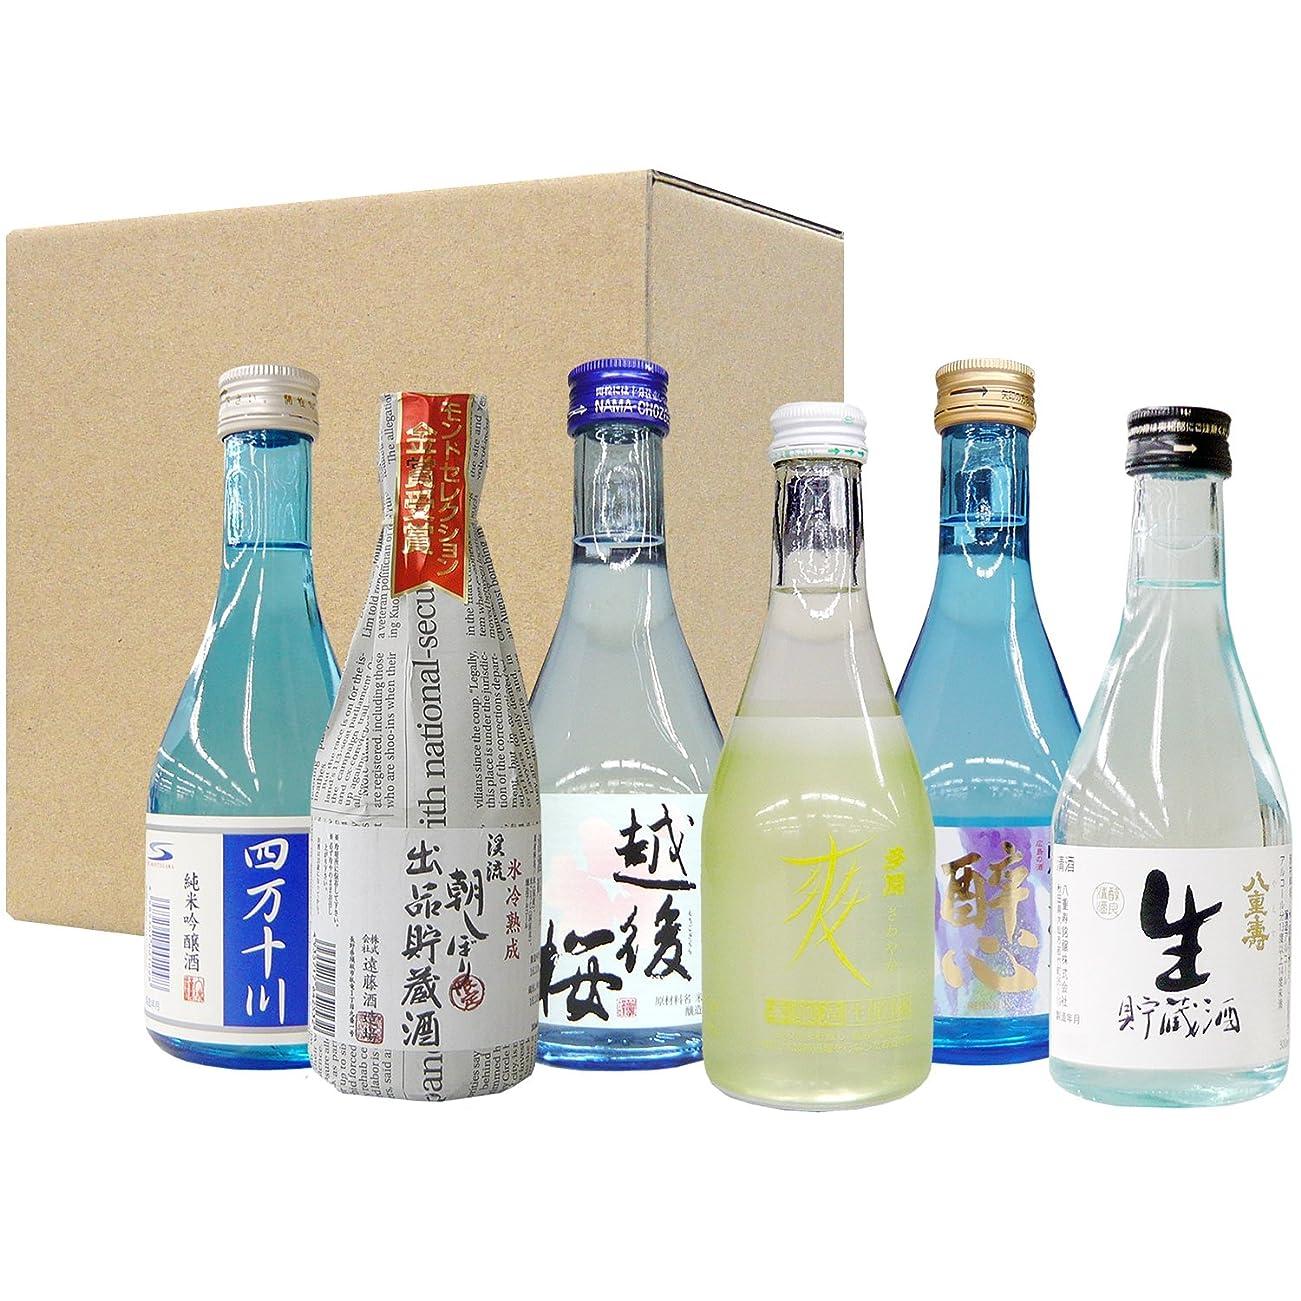 バストのりラインナップひやして美味しい 飲みきりサイズの日本酒?地酒 6県のみくらべセット [ 日本酒 300mlx6本 ]